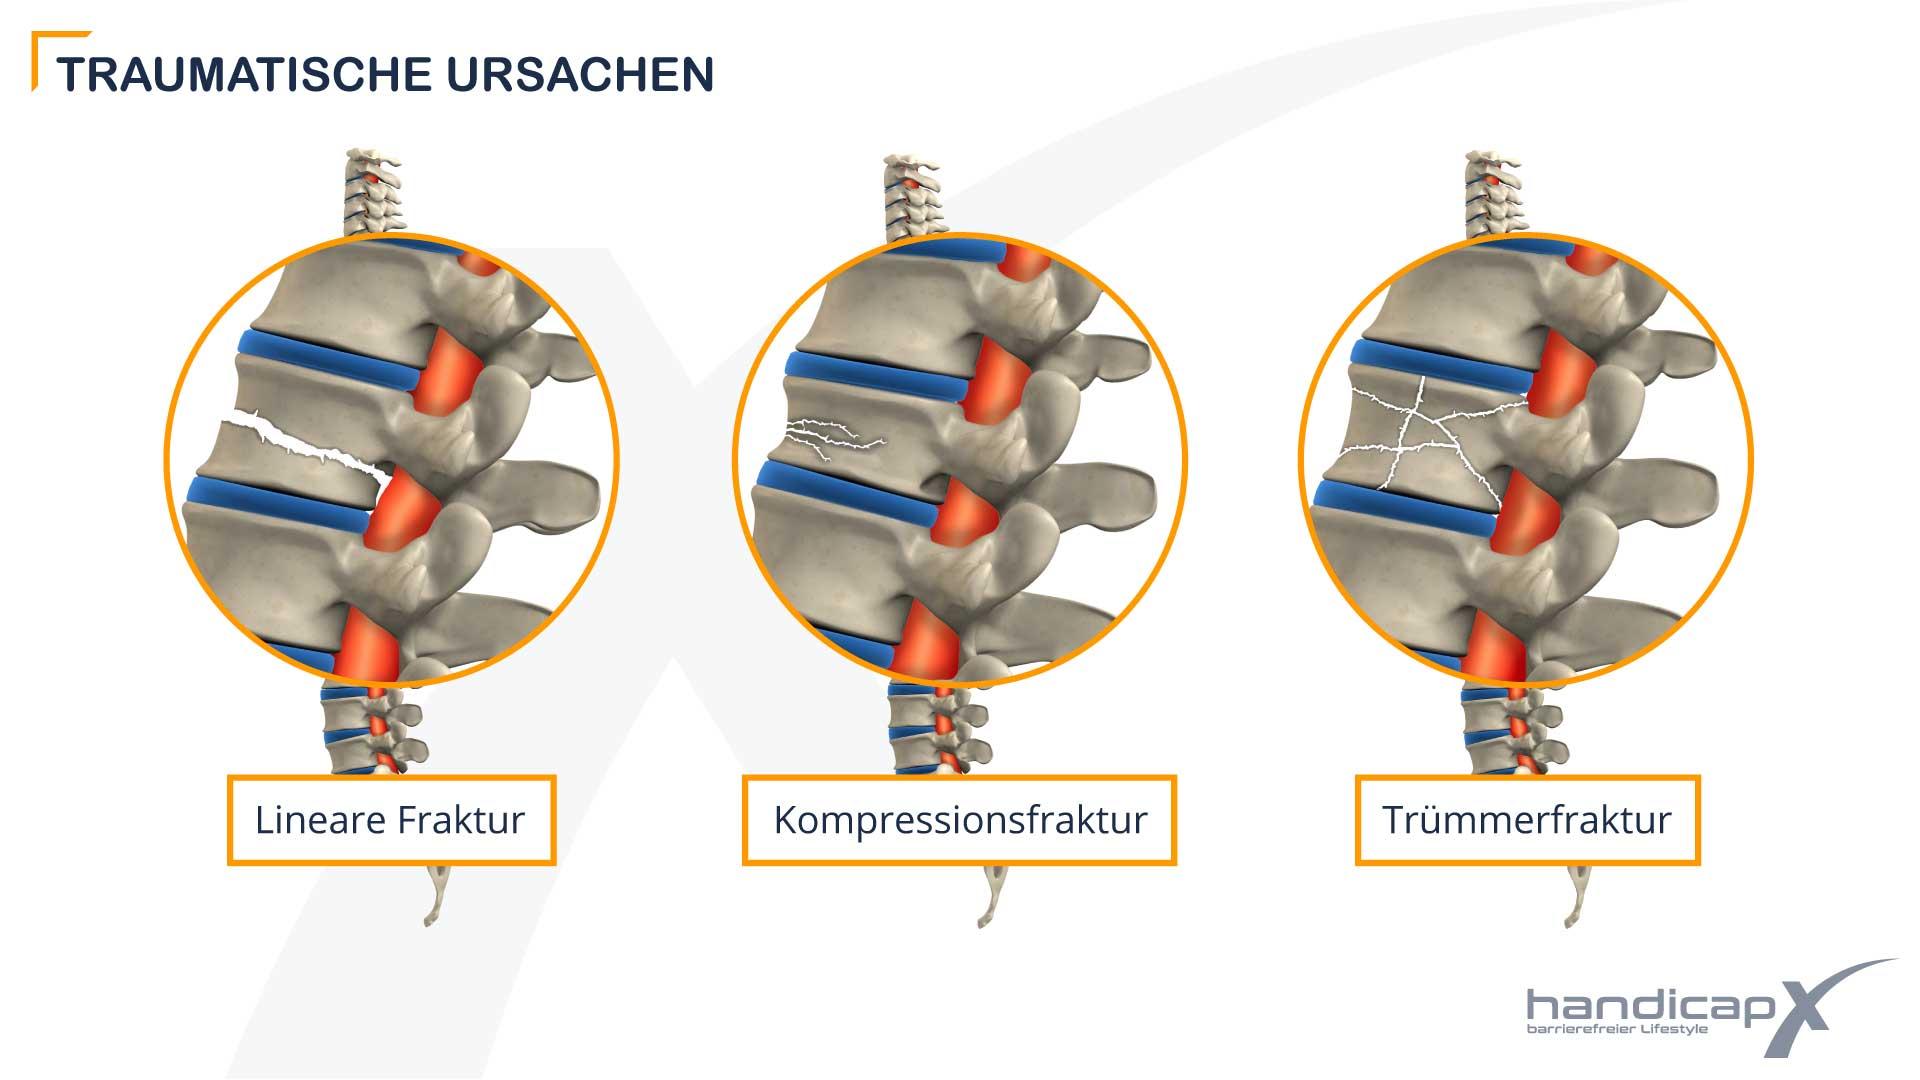 Grafik zeigt verschiedene Brüche des Wirbelkörpers als traumatische Ursachen bei Querschnittlähmung